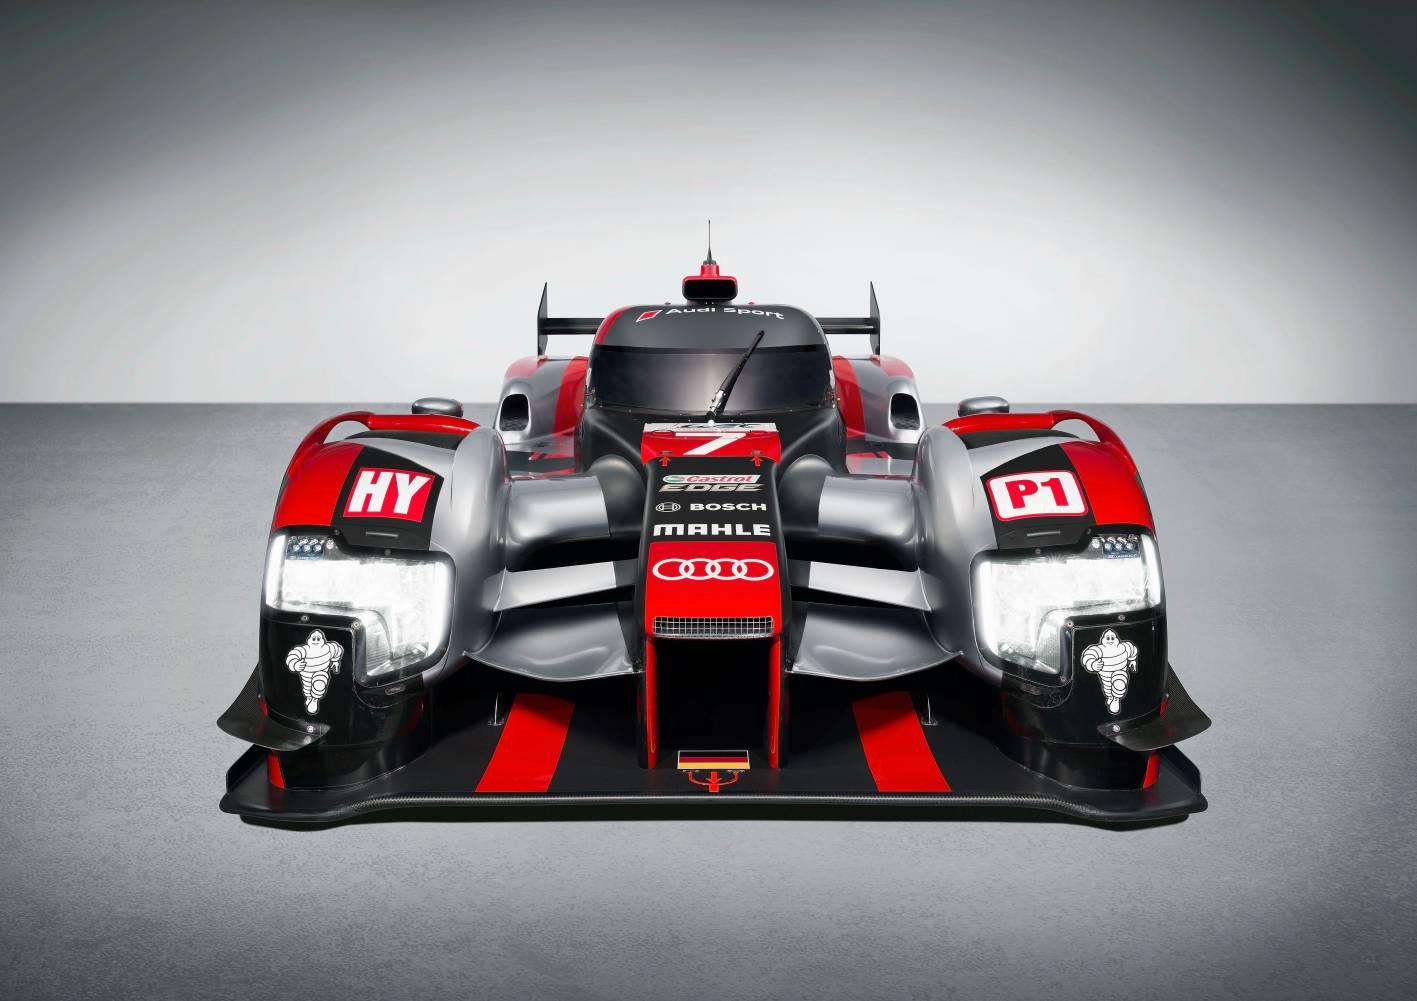 Audi Cars News Audi S Latest R18 Lmp1 Car Is The